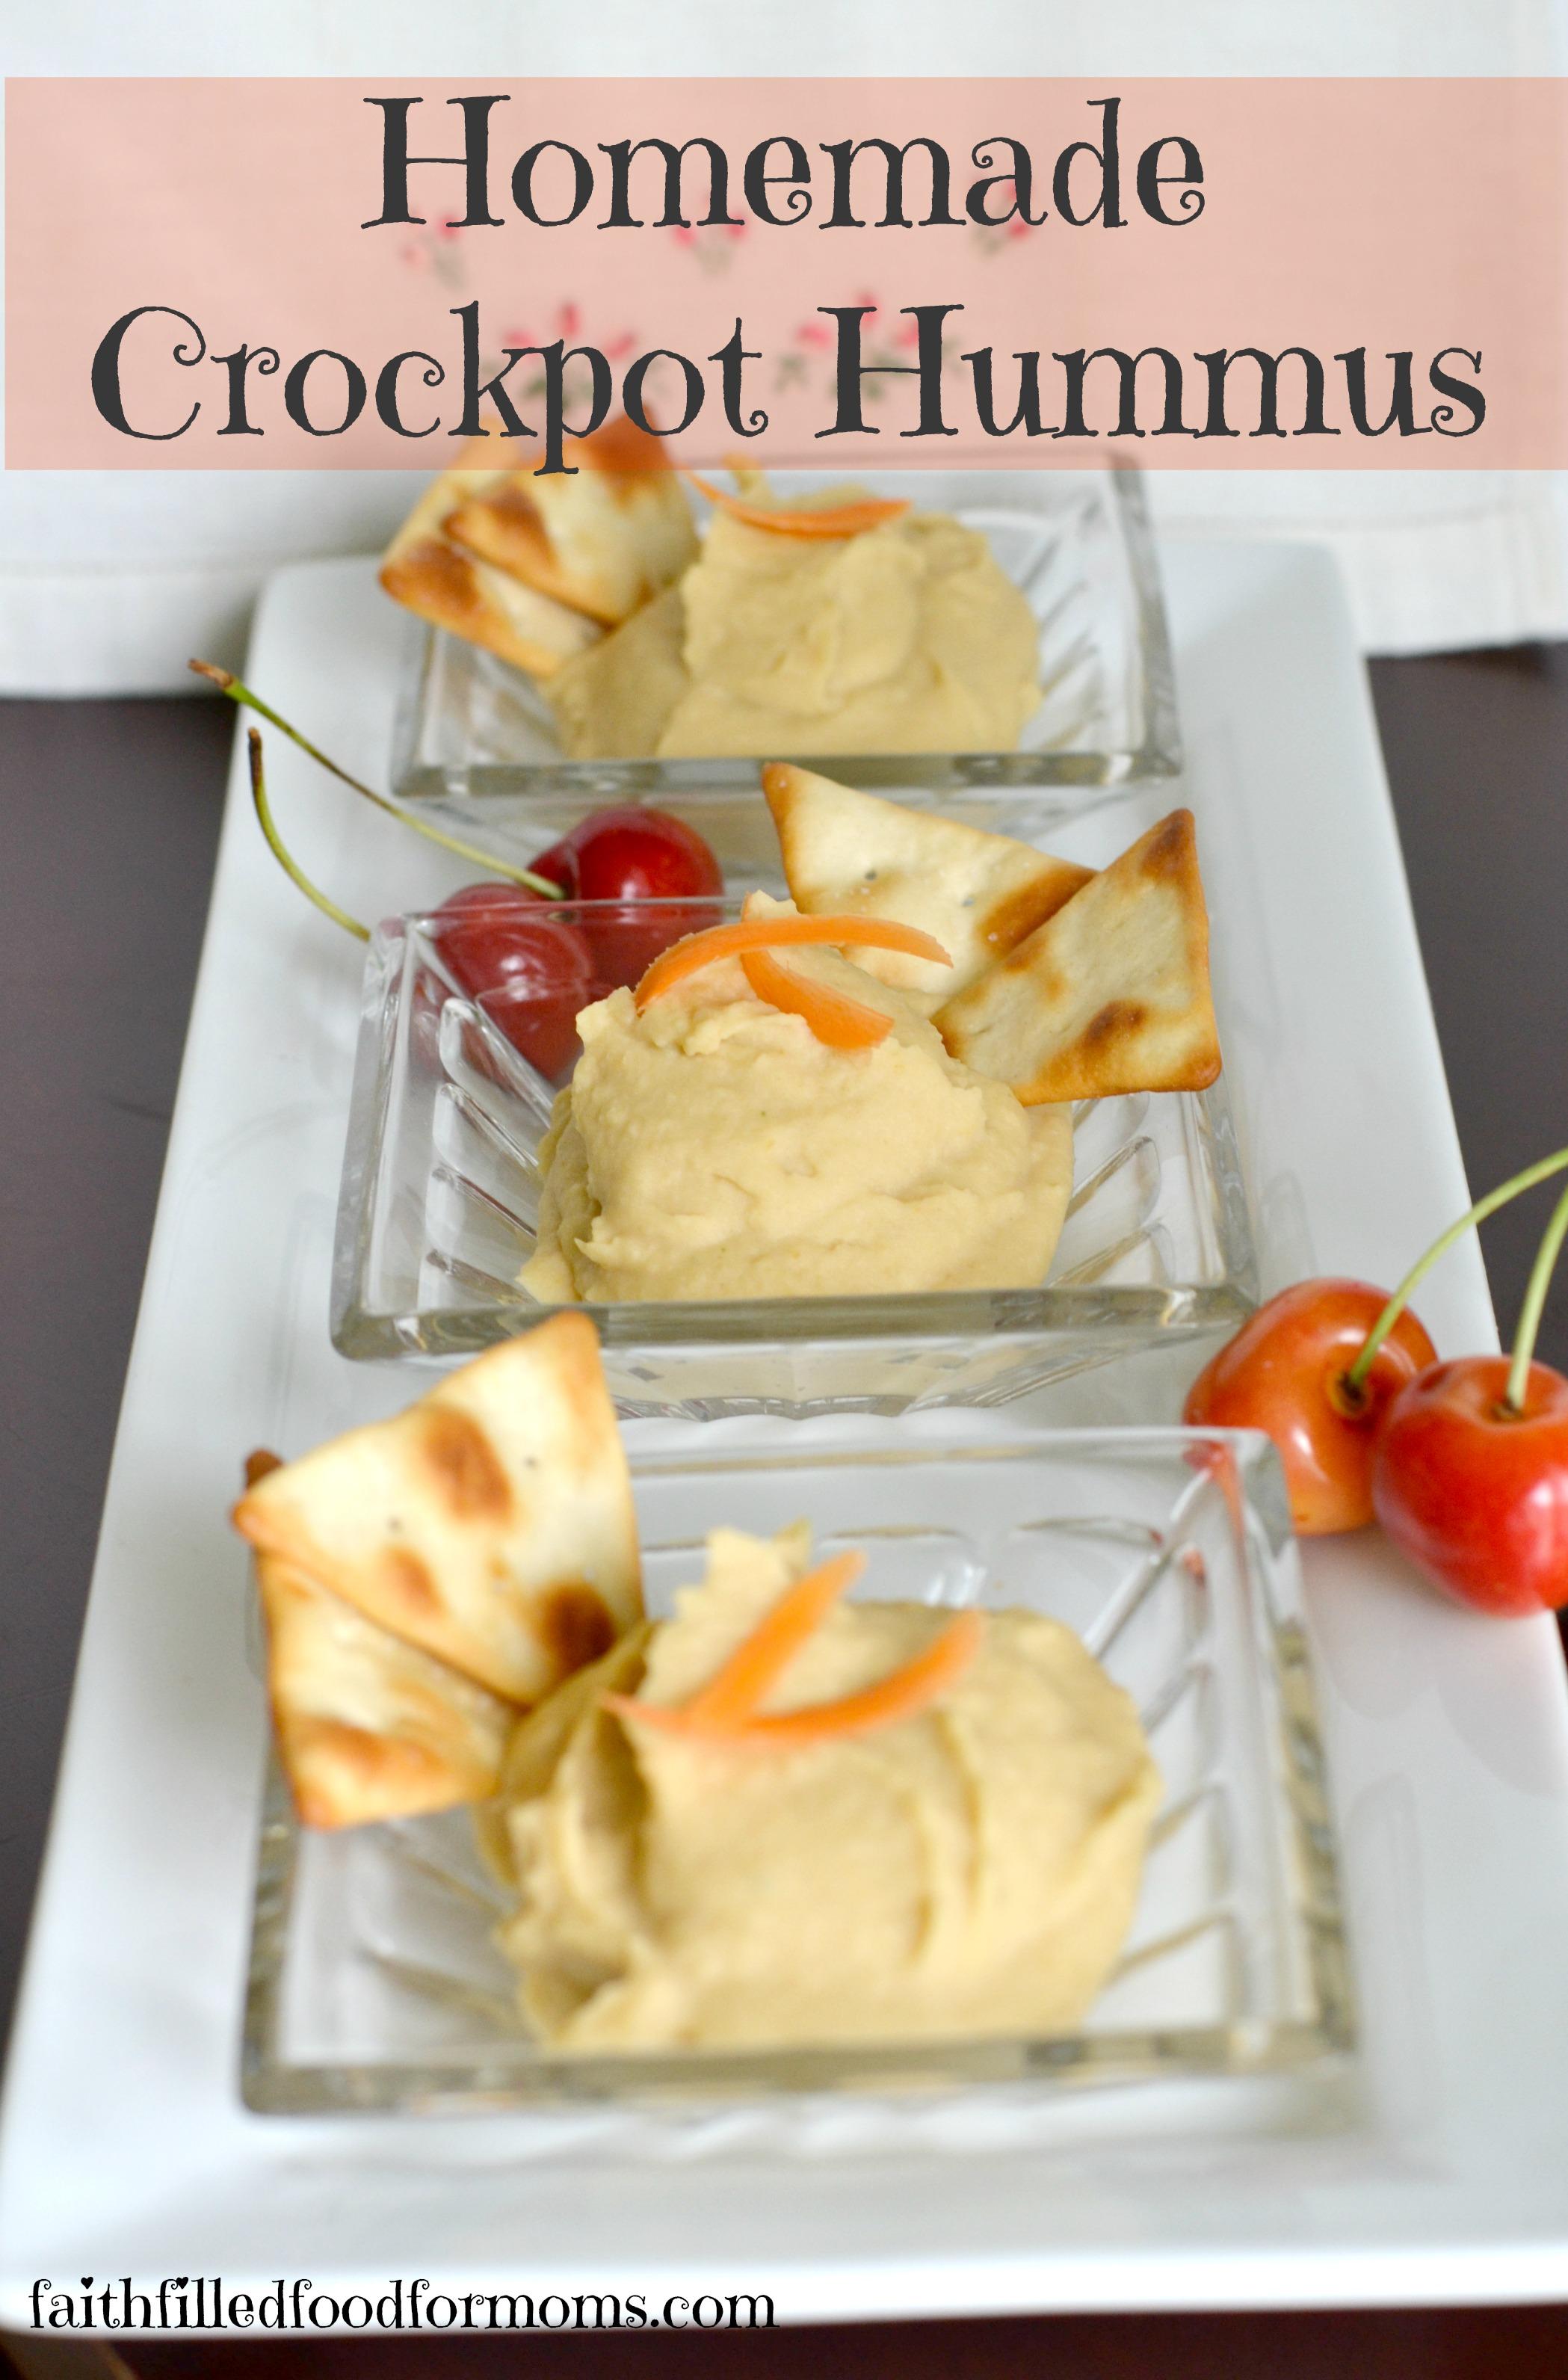 Homemade Crockpot Hummus